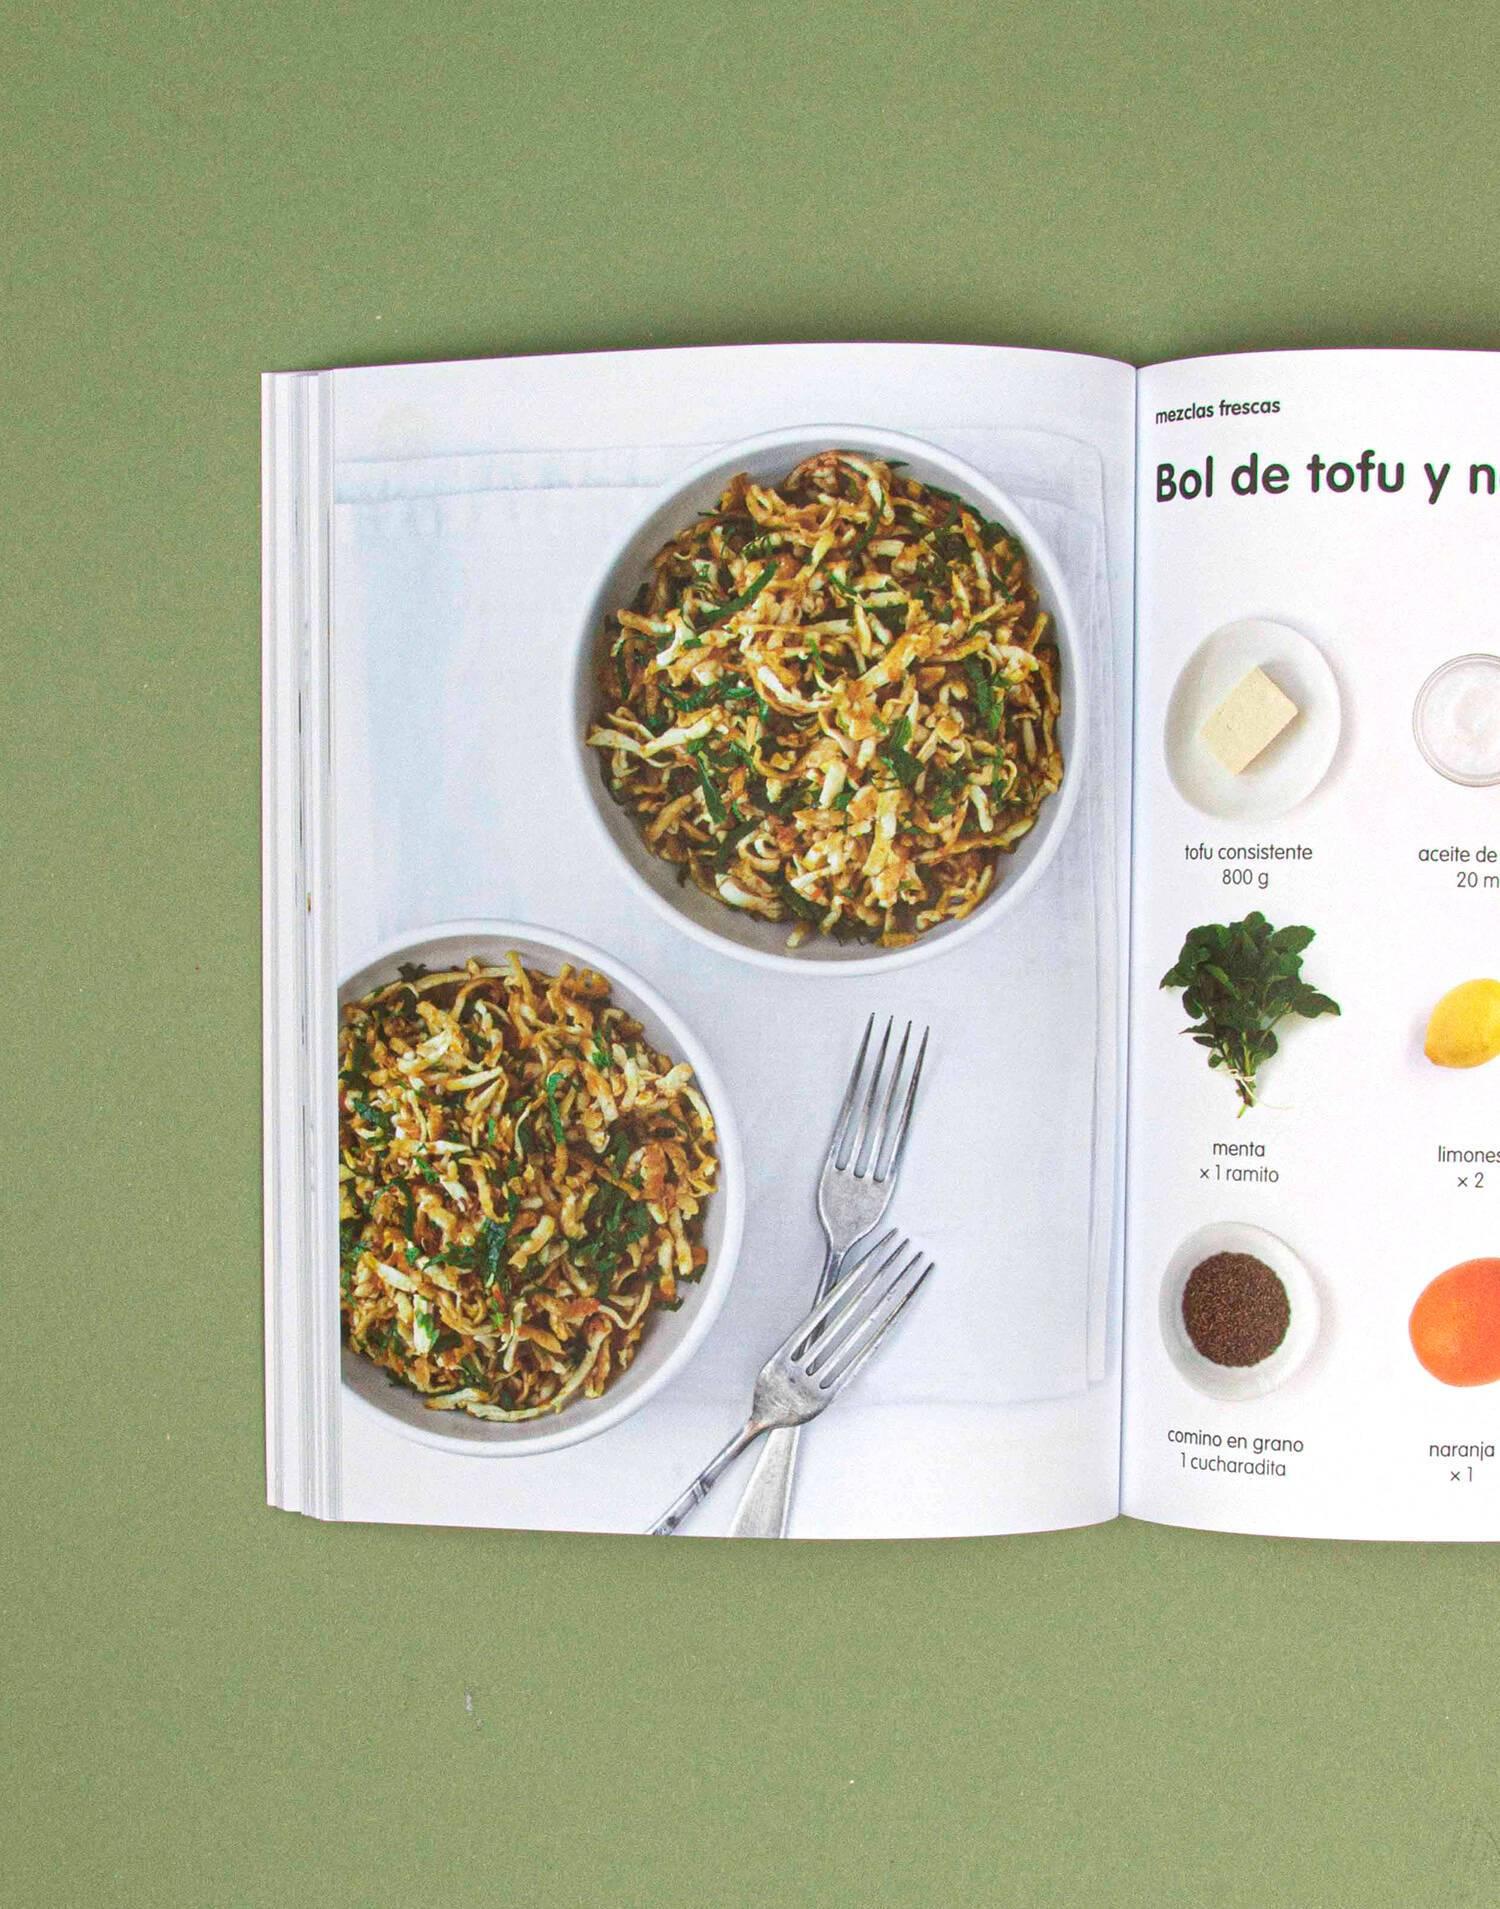 Superfacil cocina vegana